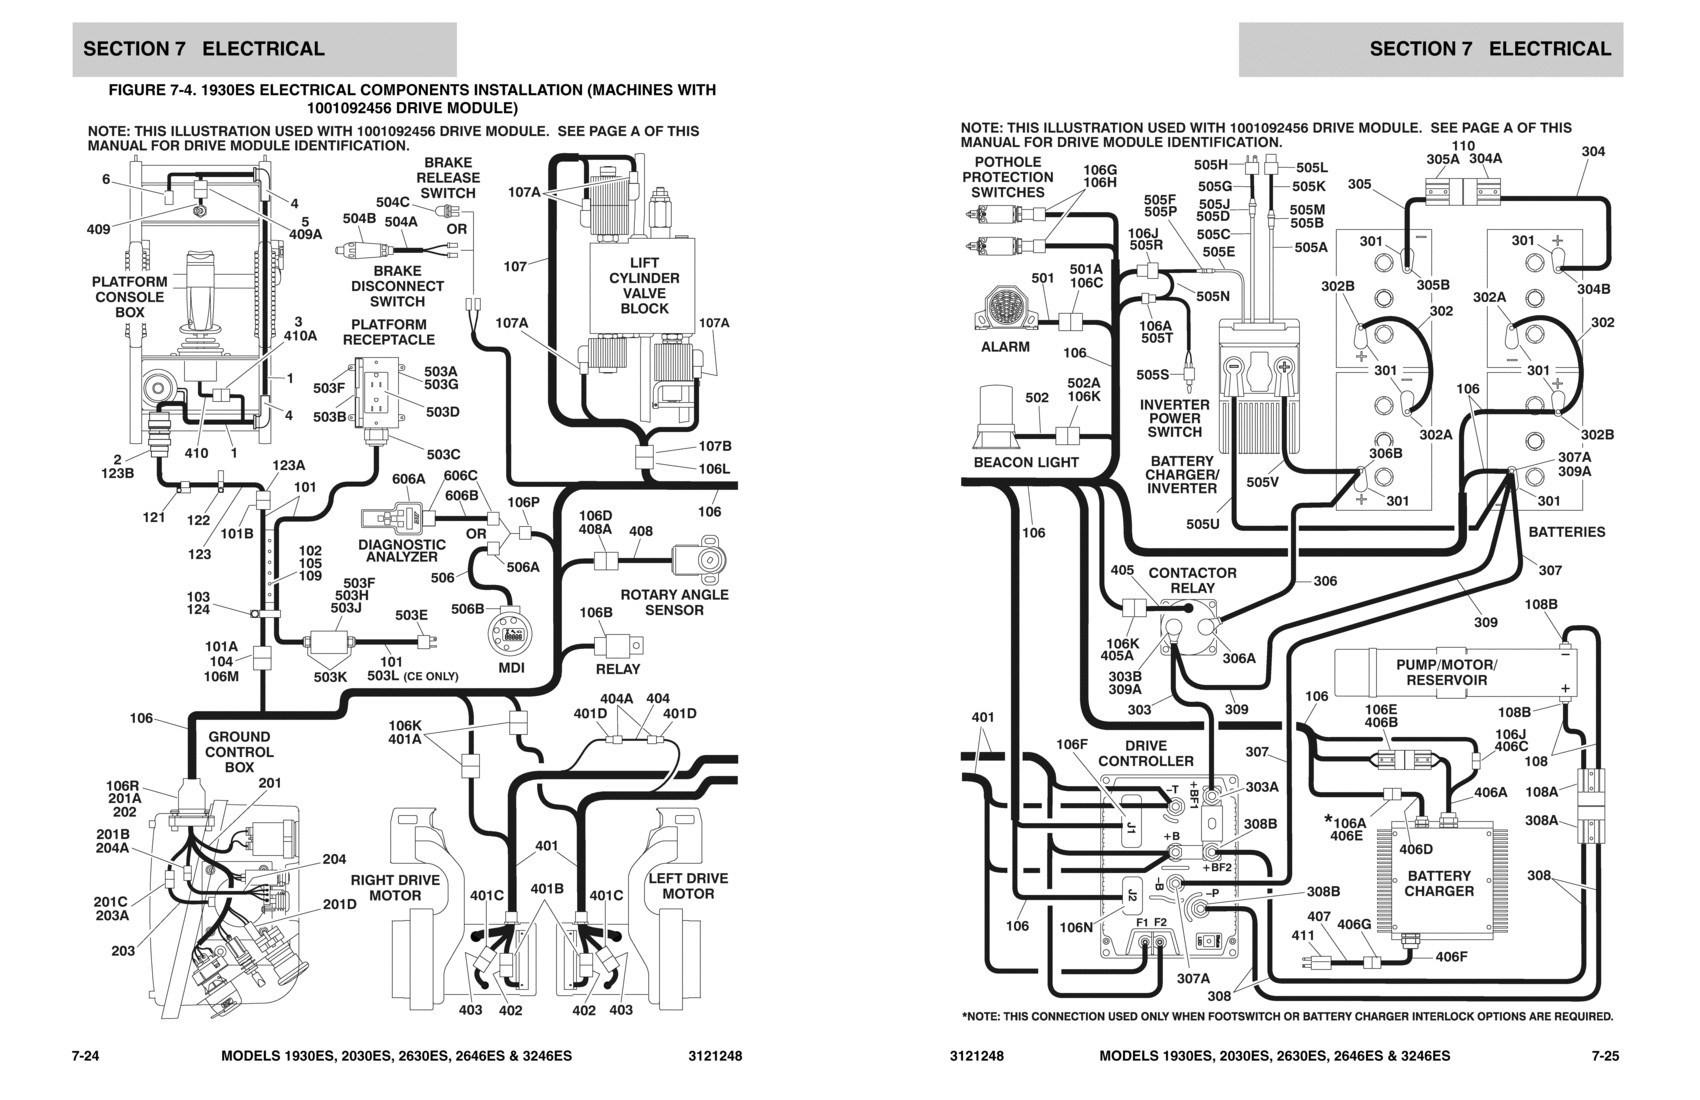 jlg cm2023 wiring diagram wiring diagram toolboxjlg ignition switch wiring diagram online wiring diagram jlg cm2023